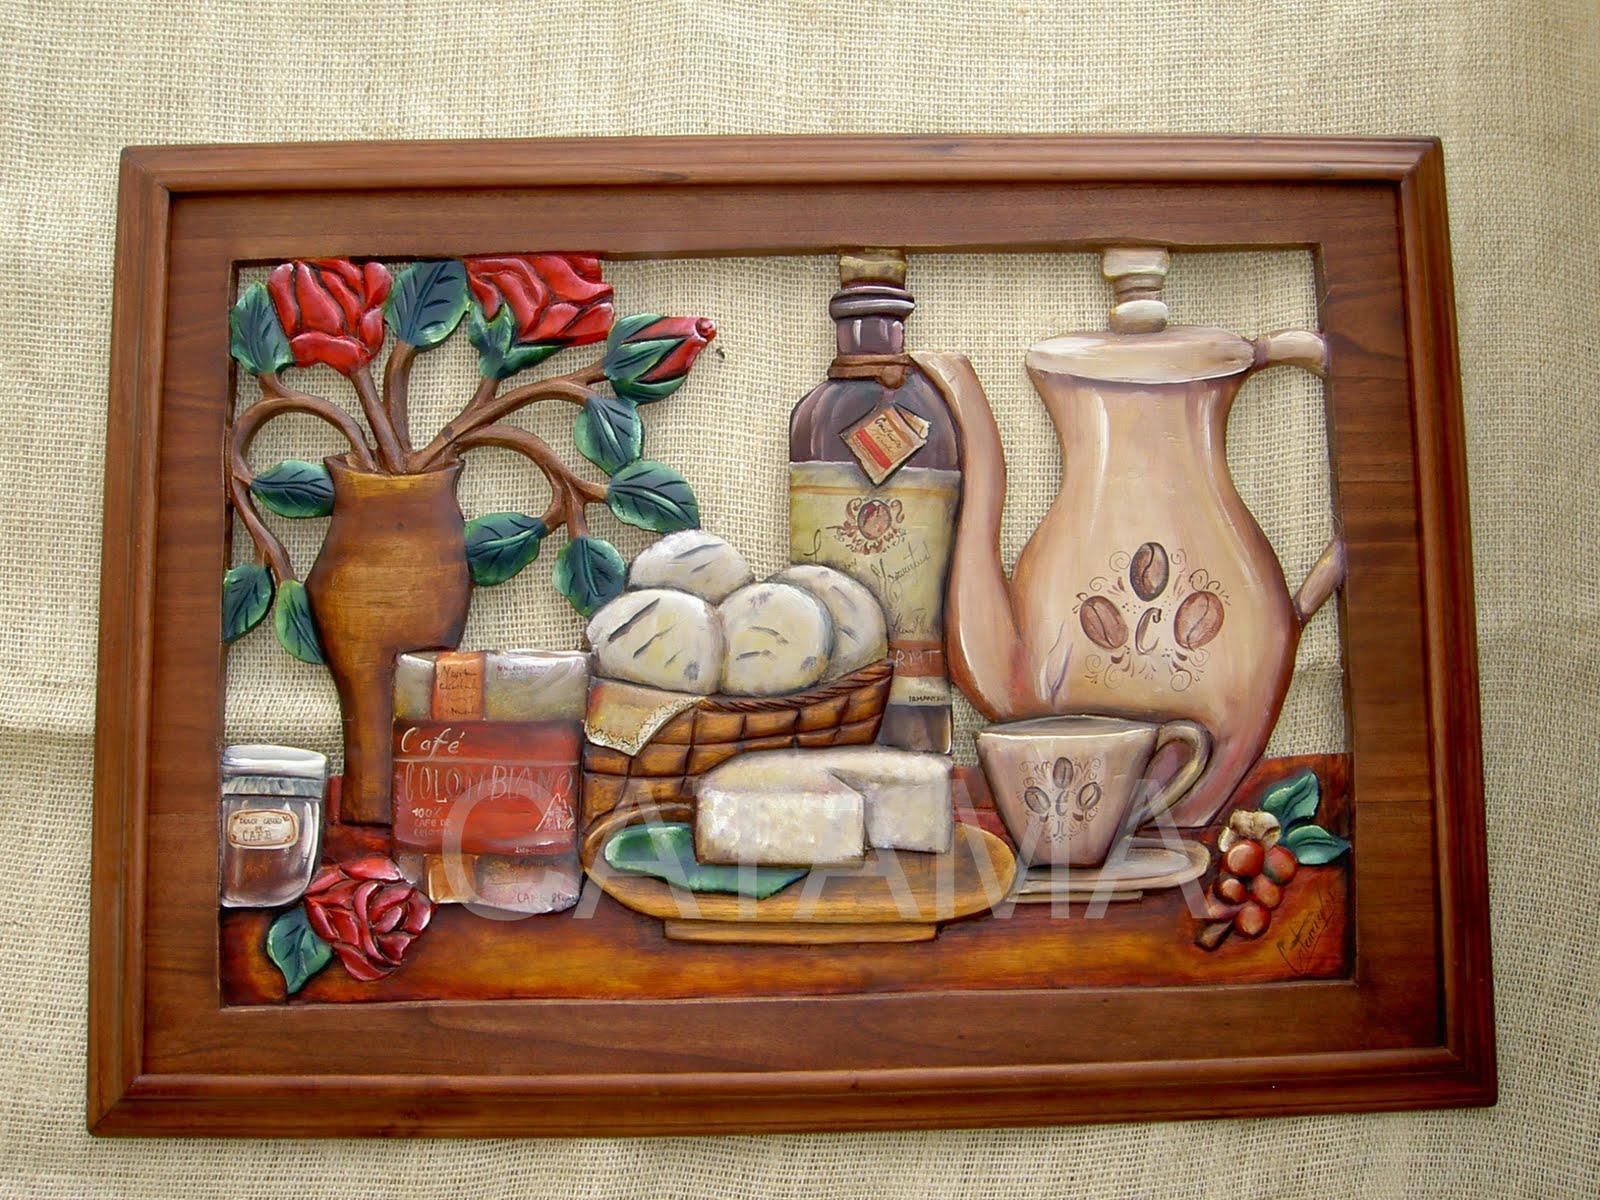 Despertando al arte cuadros tallados y calados - Fotos en madera ...